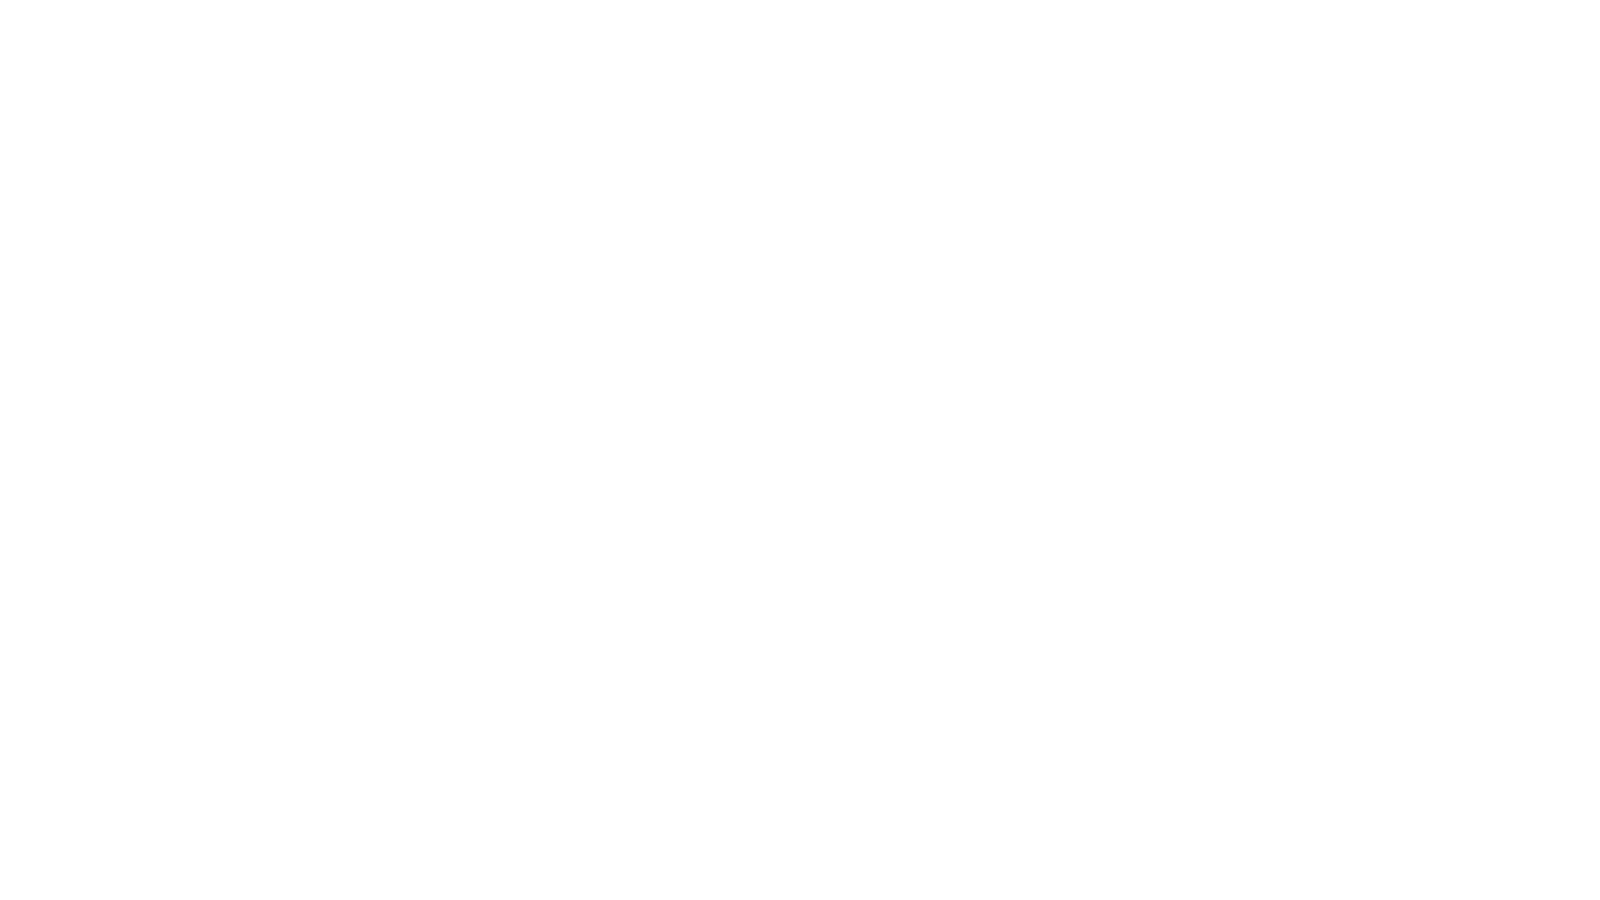 Banggoodからいただいたサンプル品の デジタルマイクロスコープAndonstar AD208S。  実際の操作方法を簡単な動画にしてみた。 意外に付けそうなのは電子ズーム機能かもしれないな。  関連記事 https://heecheee.com/blog/2021/05/08/andonstar-ad208s-2/